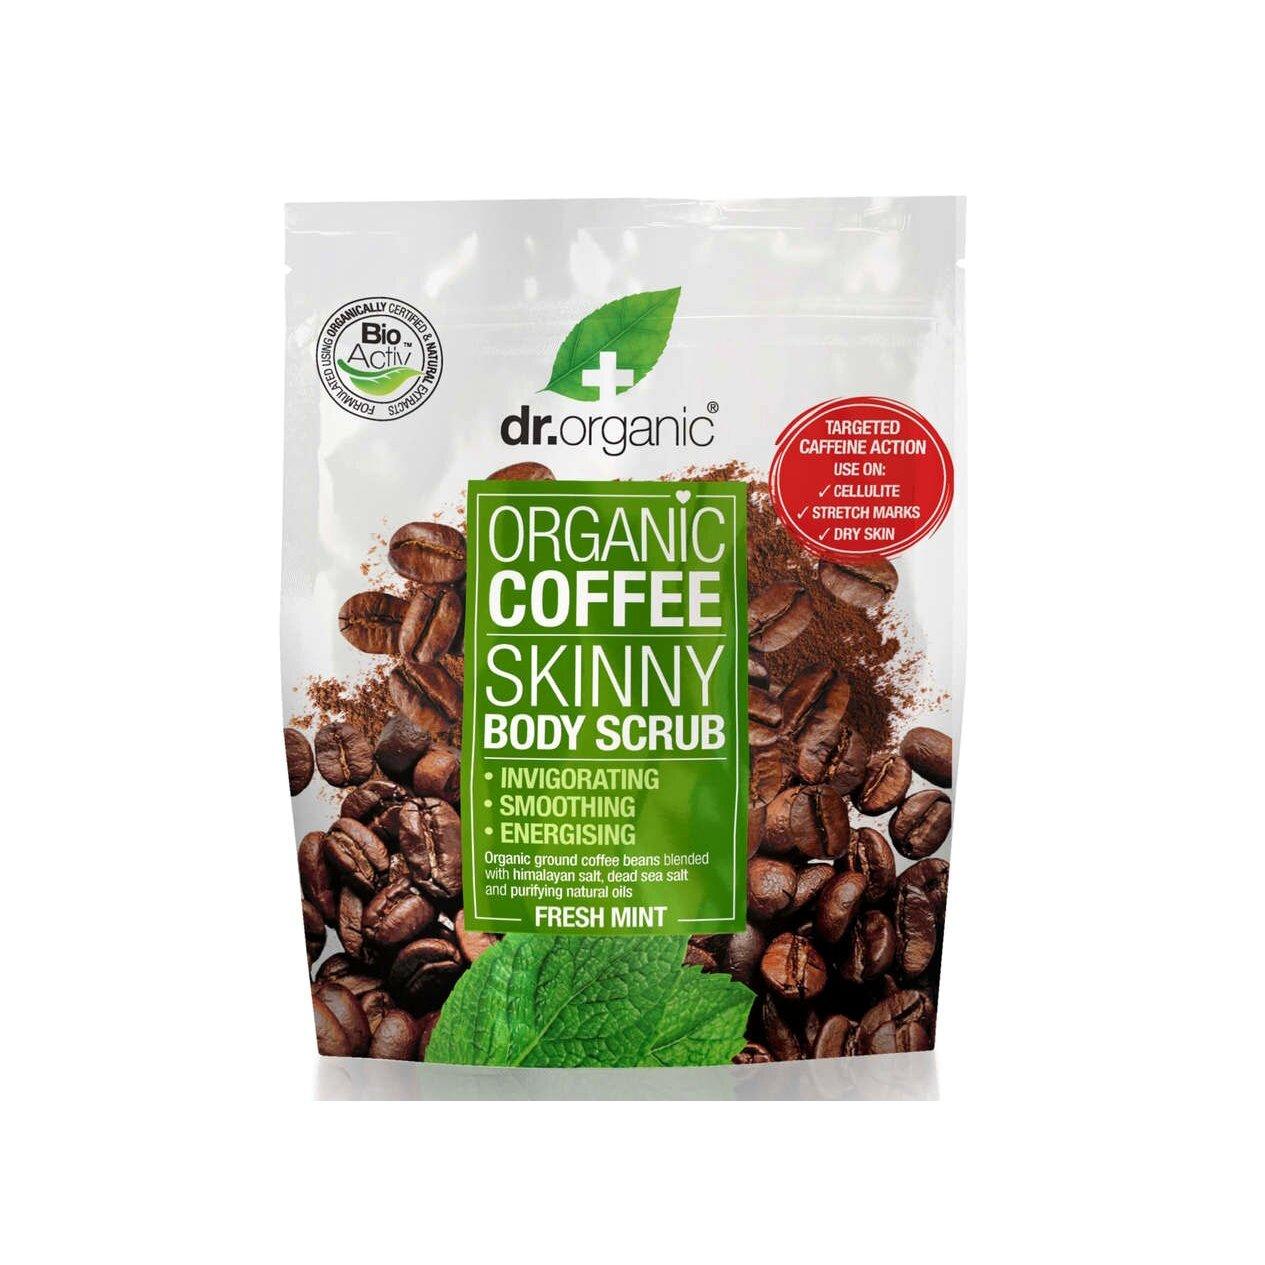 Dr. Organic Coffee Skinny Body Scrub with Fresh Mint Απολεπιστικό Σώματος 200gr